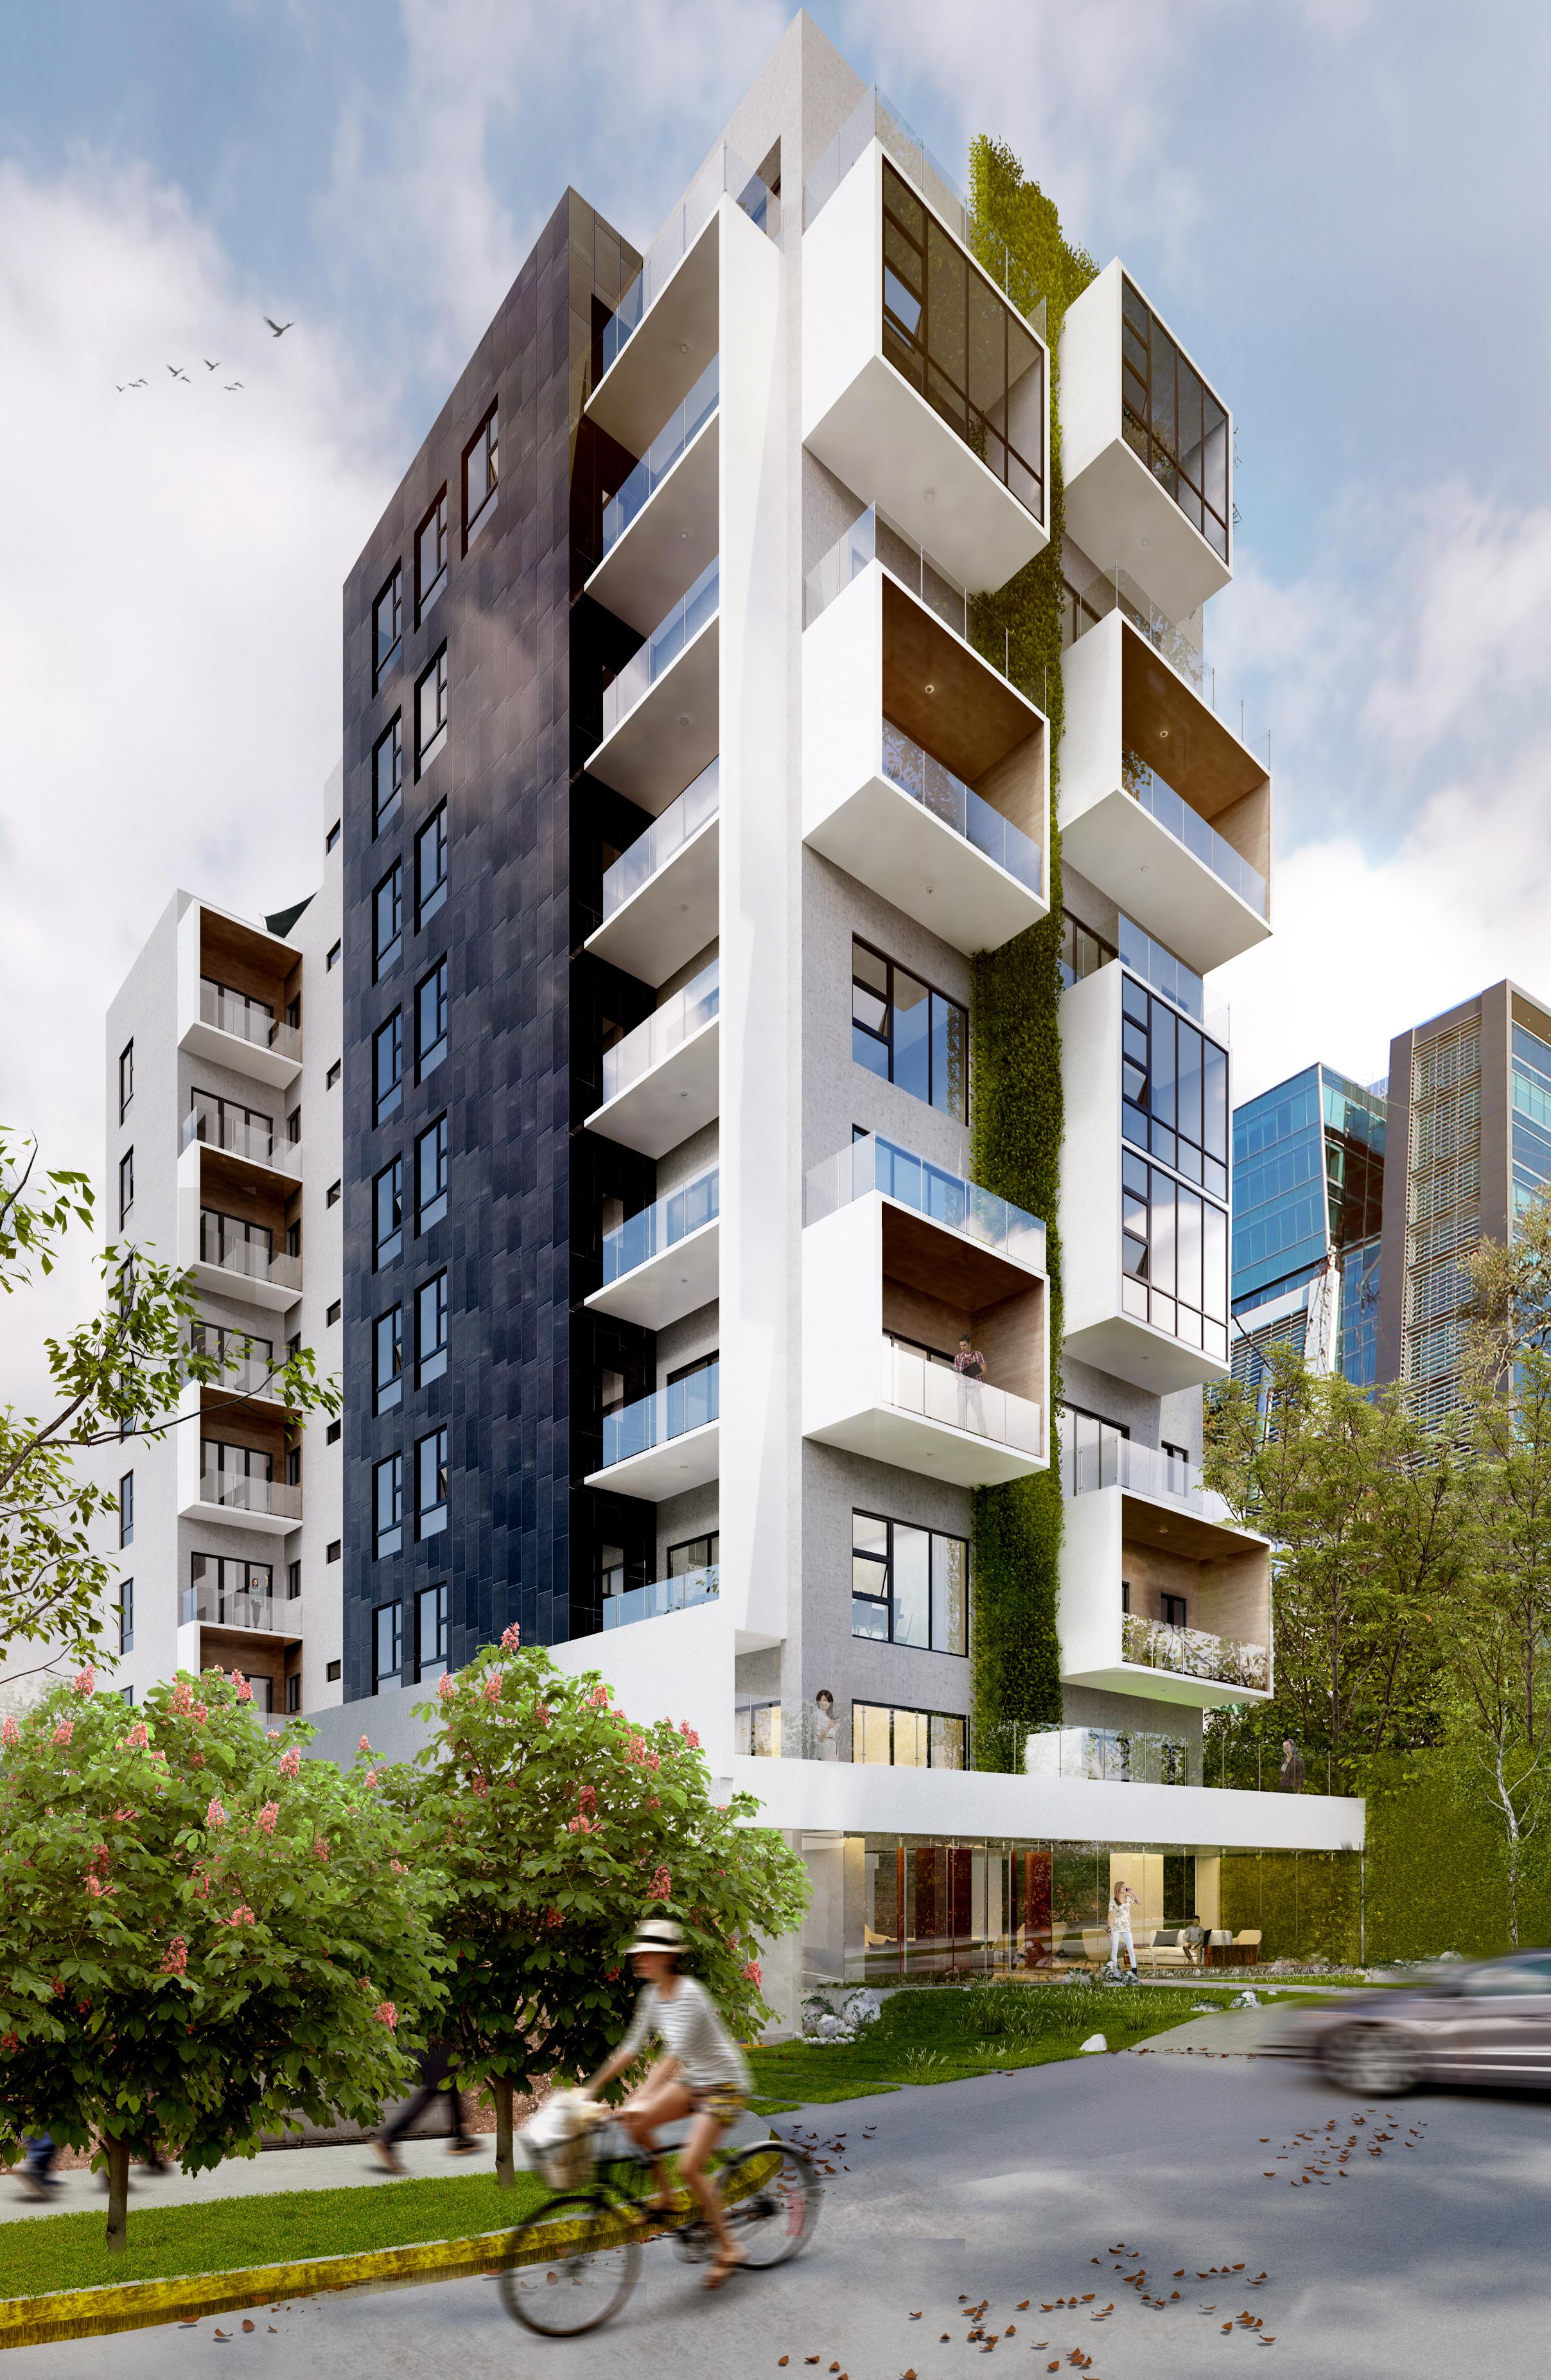 Cada apartamento conserva un diseño único que lo hace diferente al del vecino.